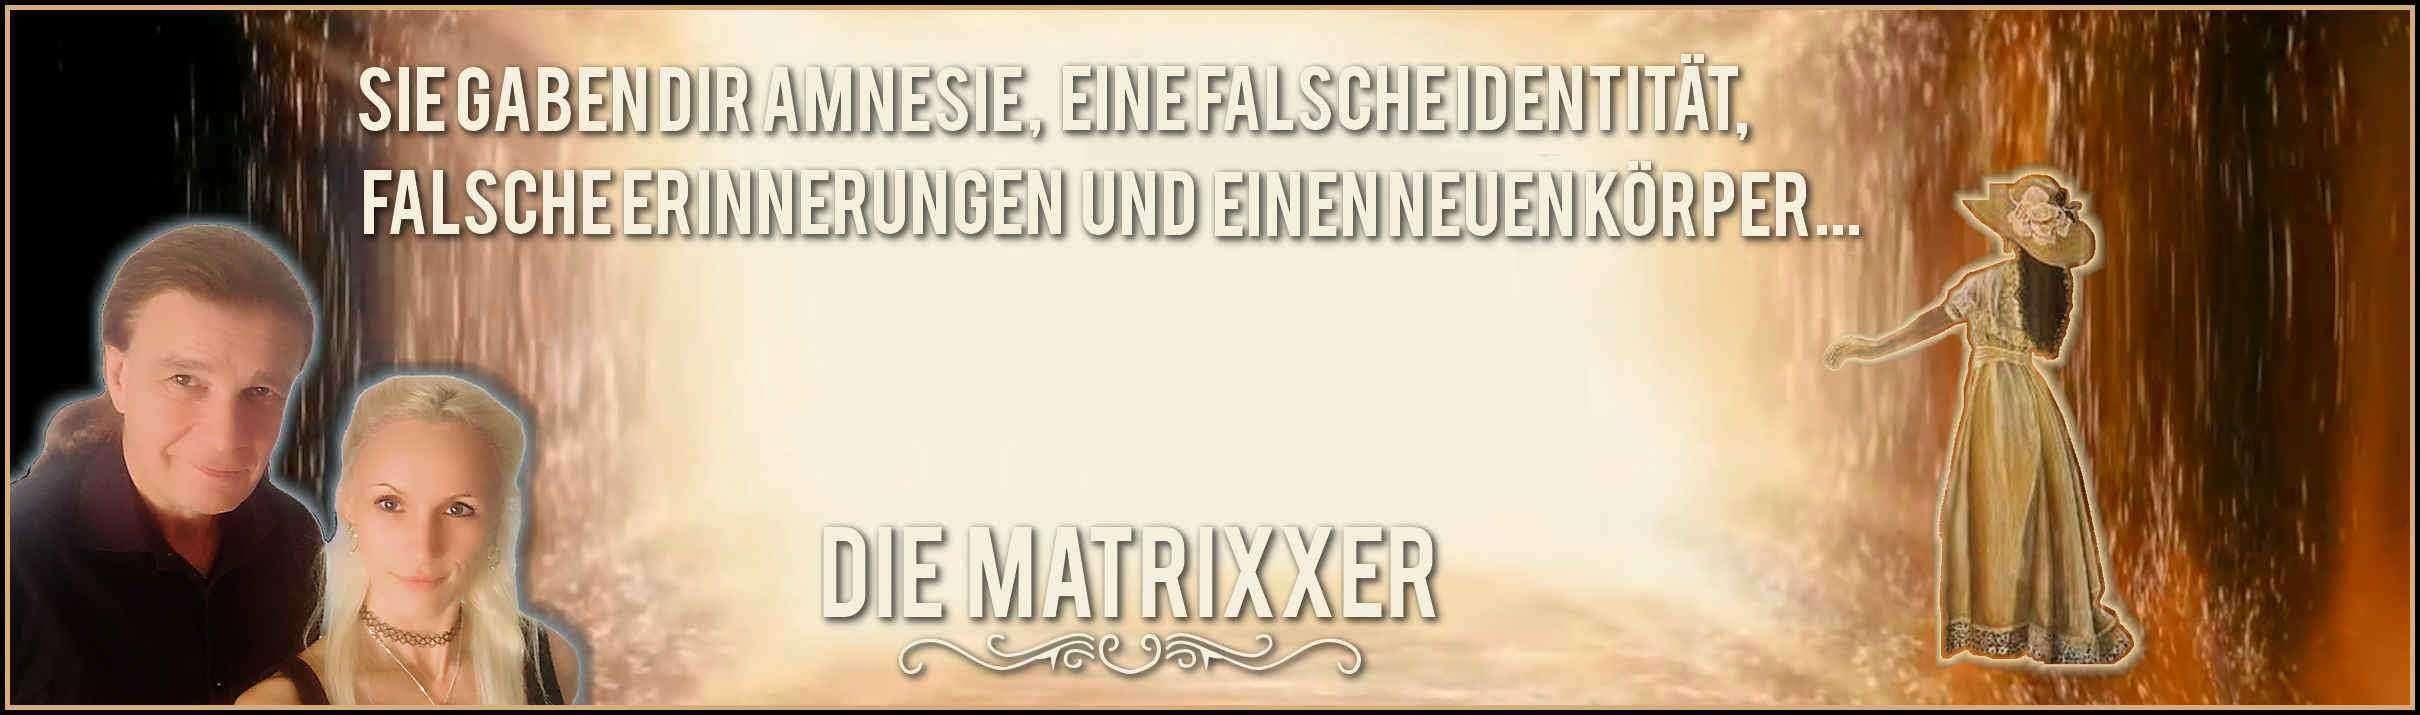 Die Matrixxer